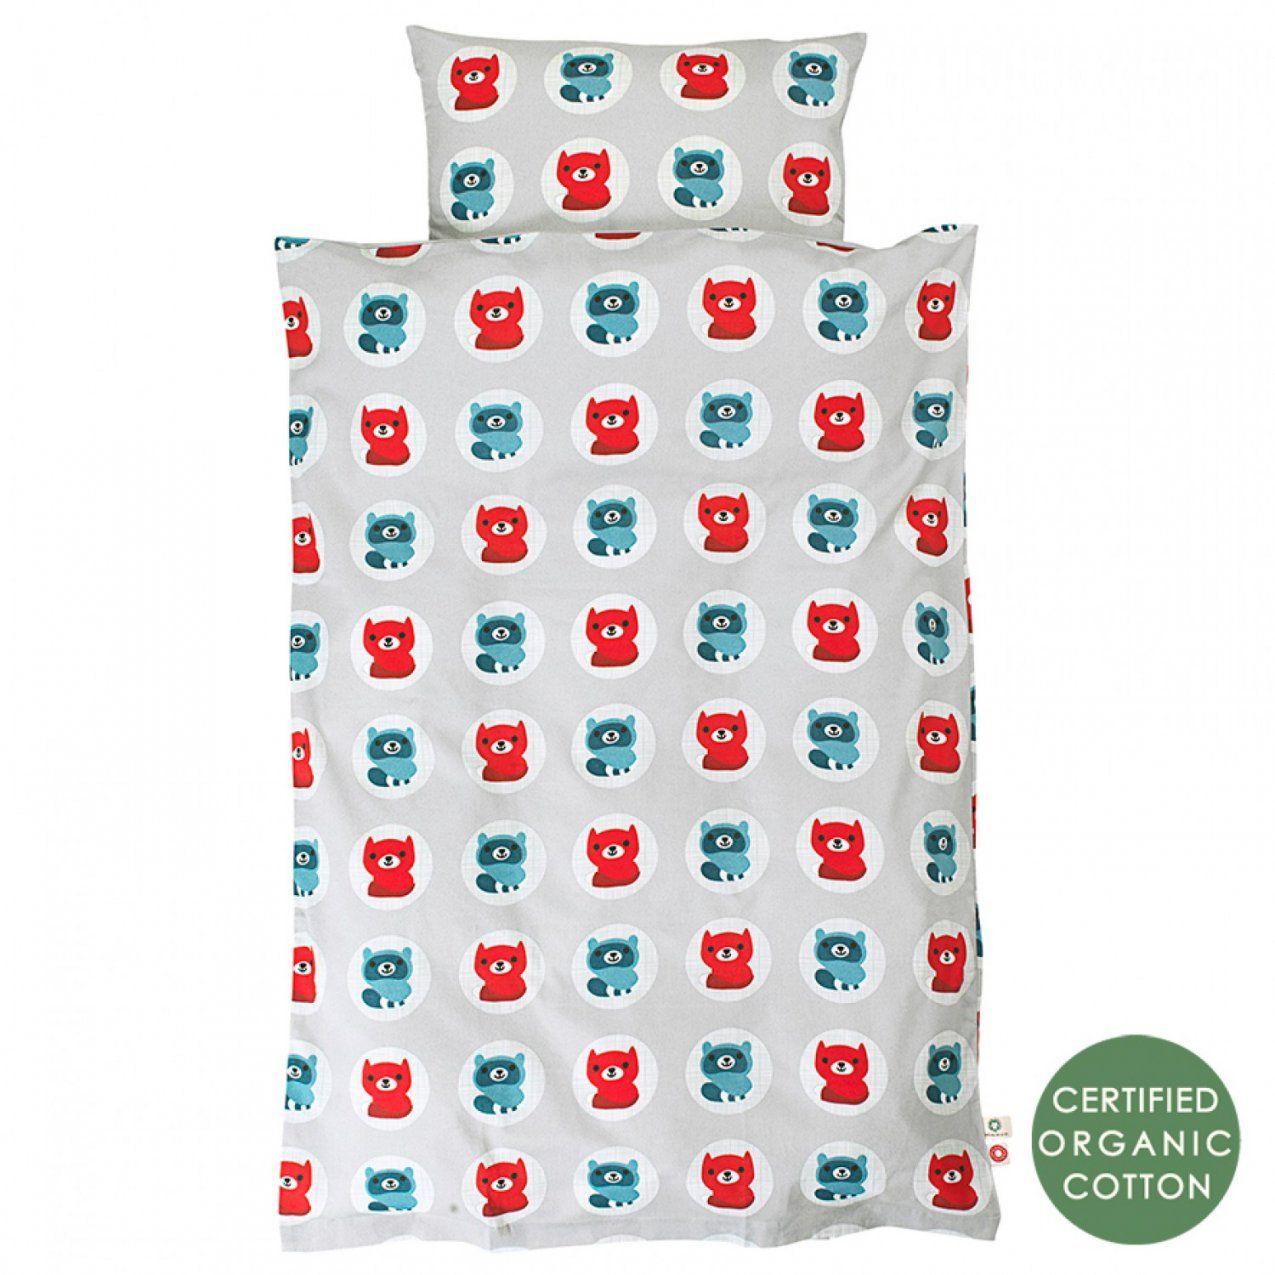 Kinderbettwäsche Svante 100X135 Cm Biobaumwolle  Greenpicks von Kinderbettwäsche 100X135 Bio Bild